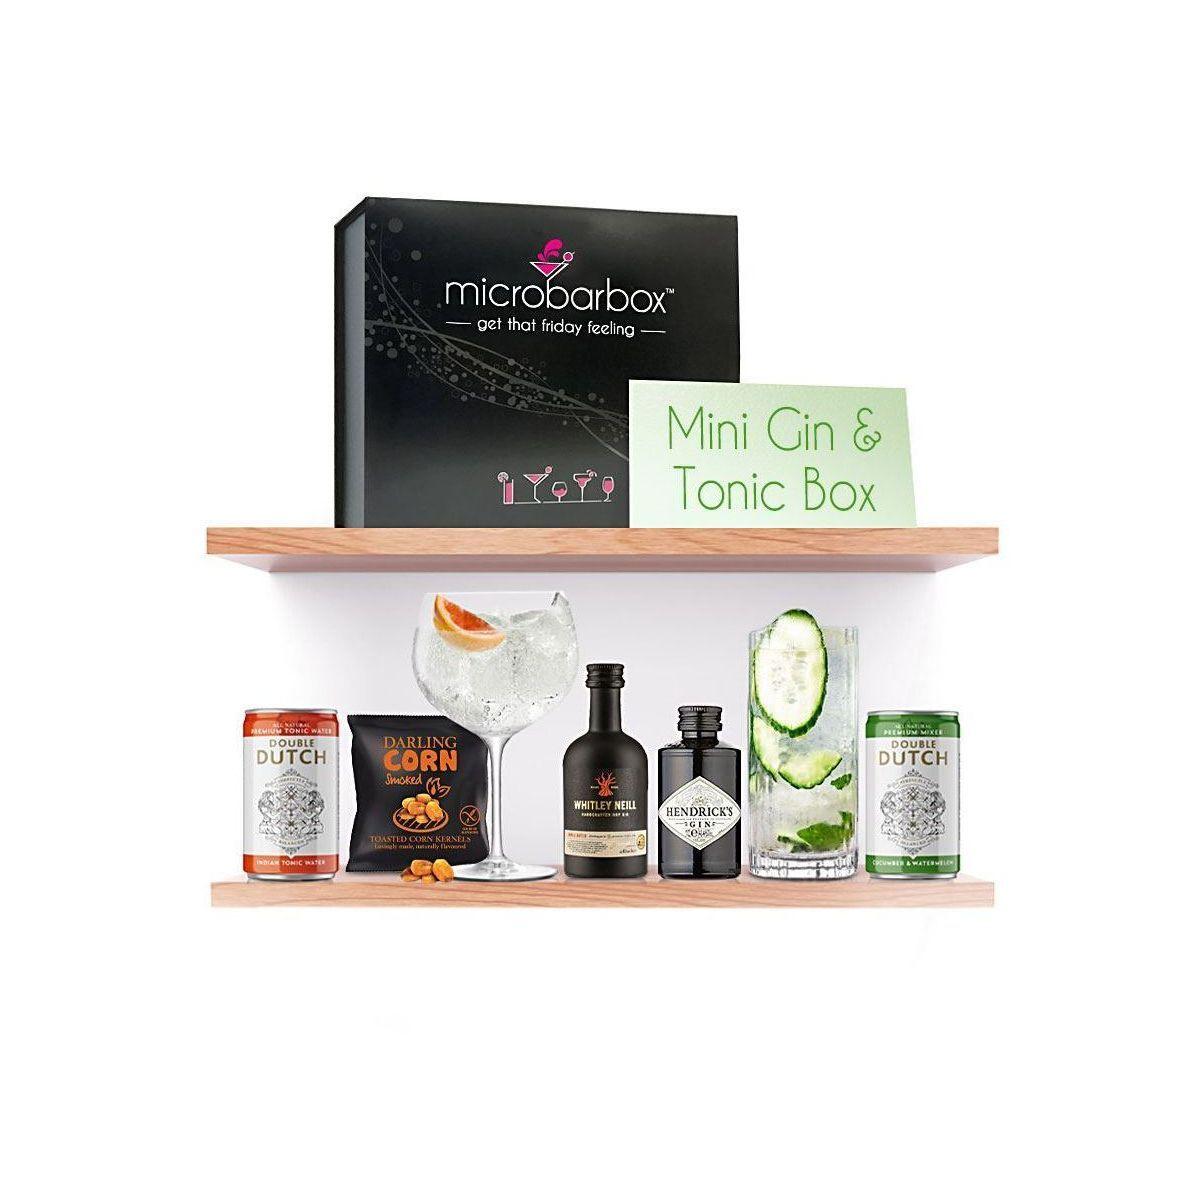 Microbarbox Mini Gin & Tonic Box